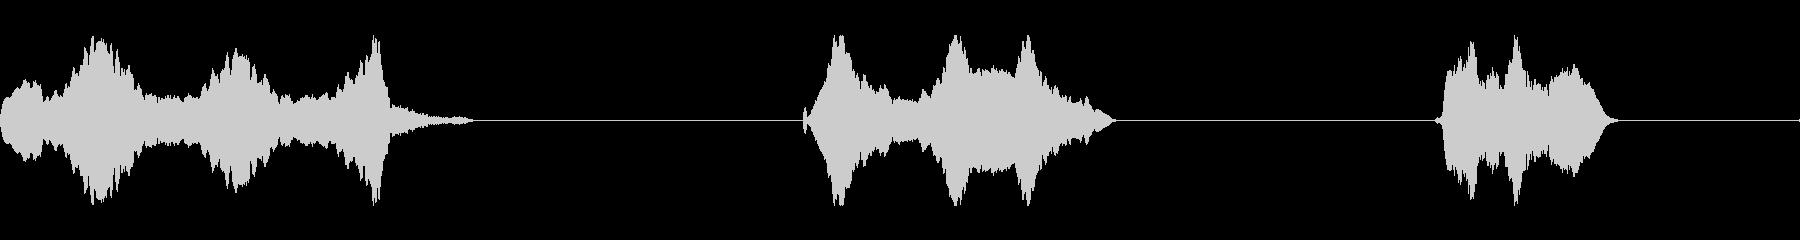 トーンシンセホイッスルwaveri...の未再生の波形